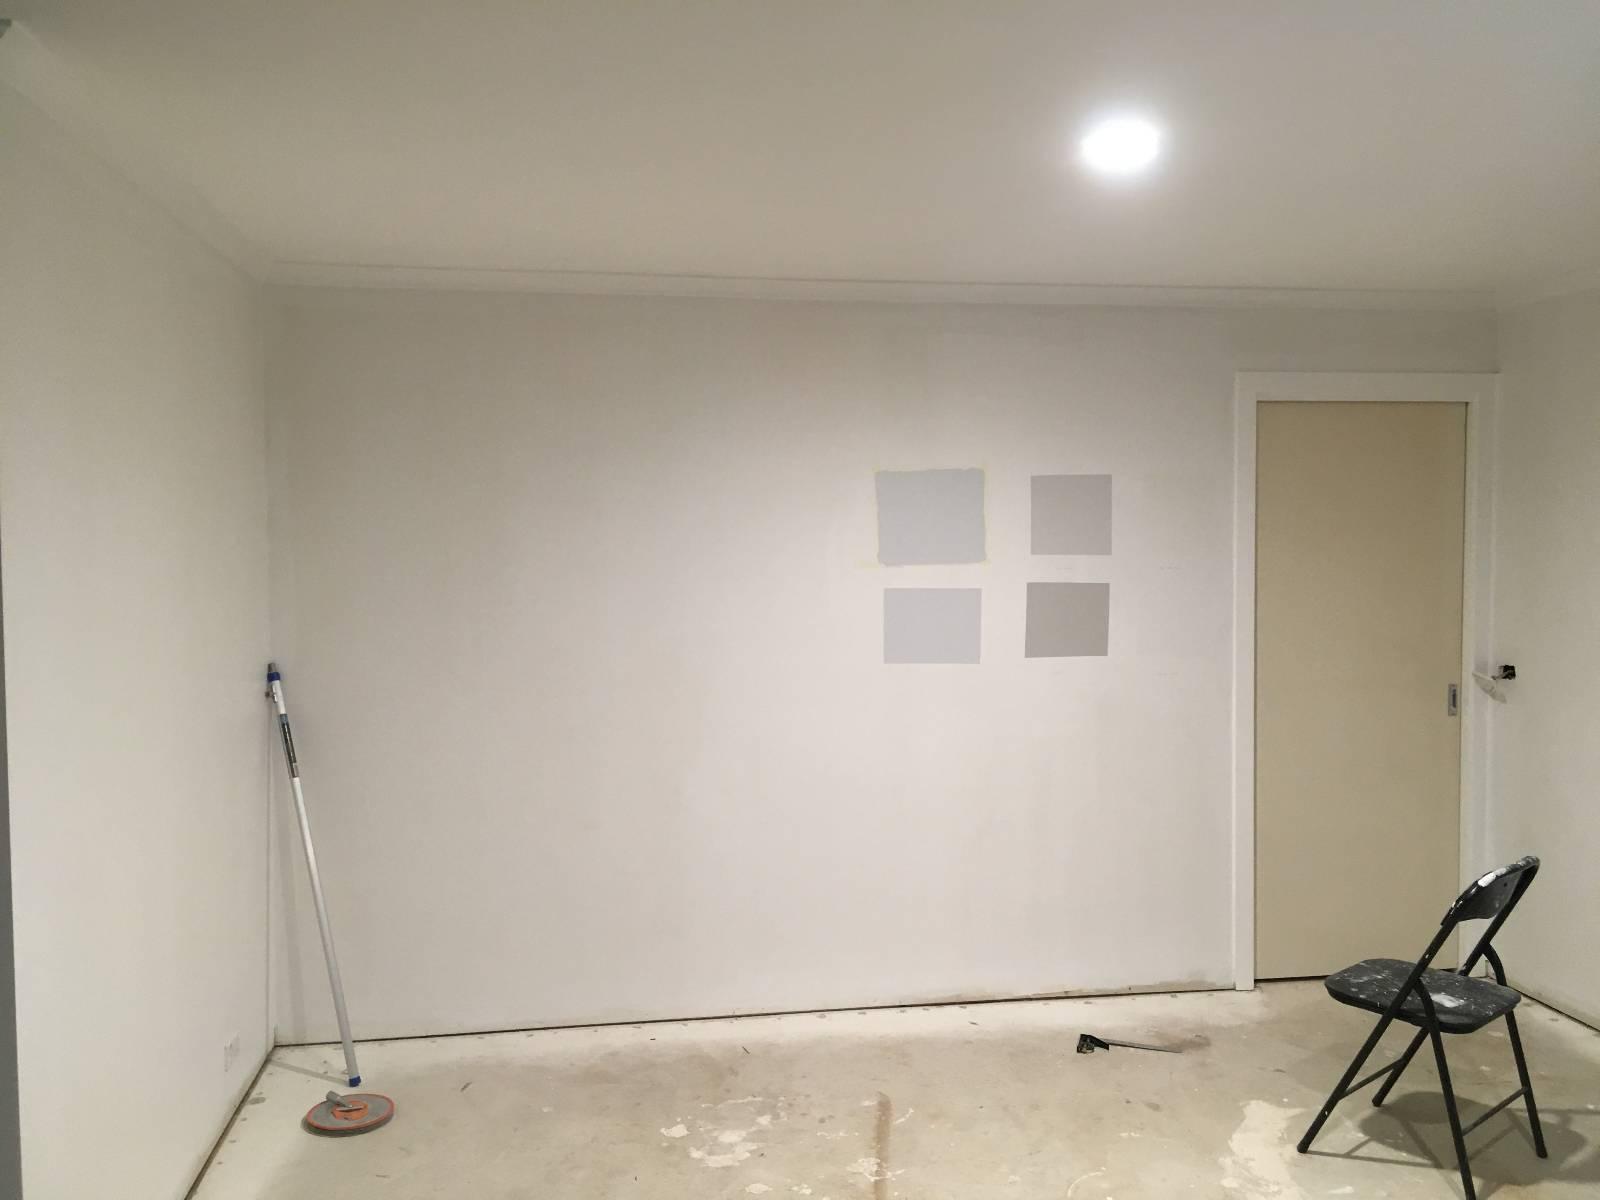 Mounting Tv on pocket door wall